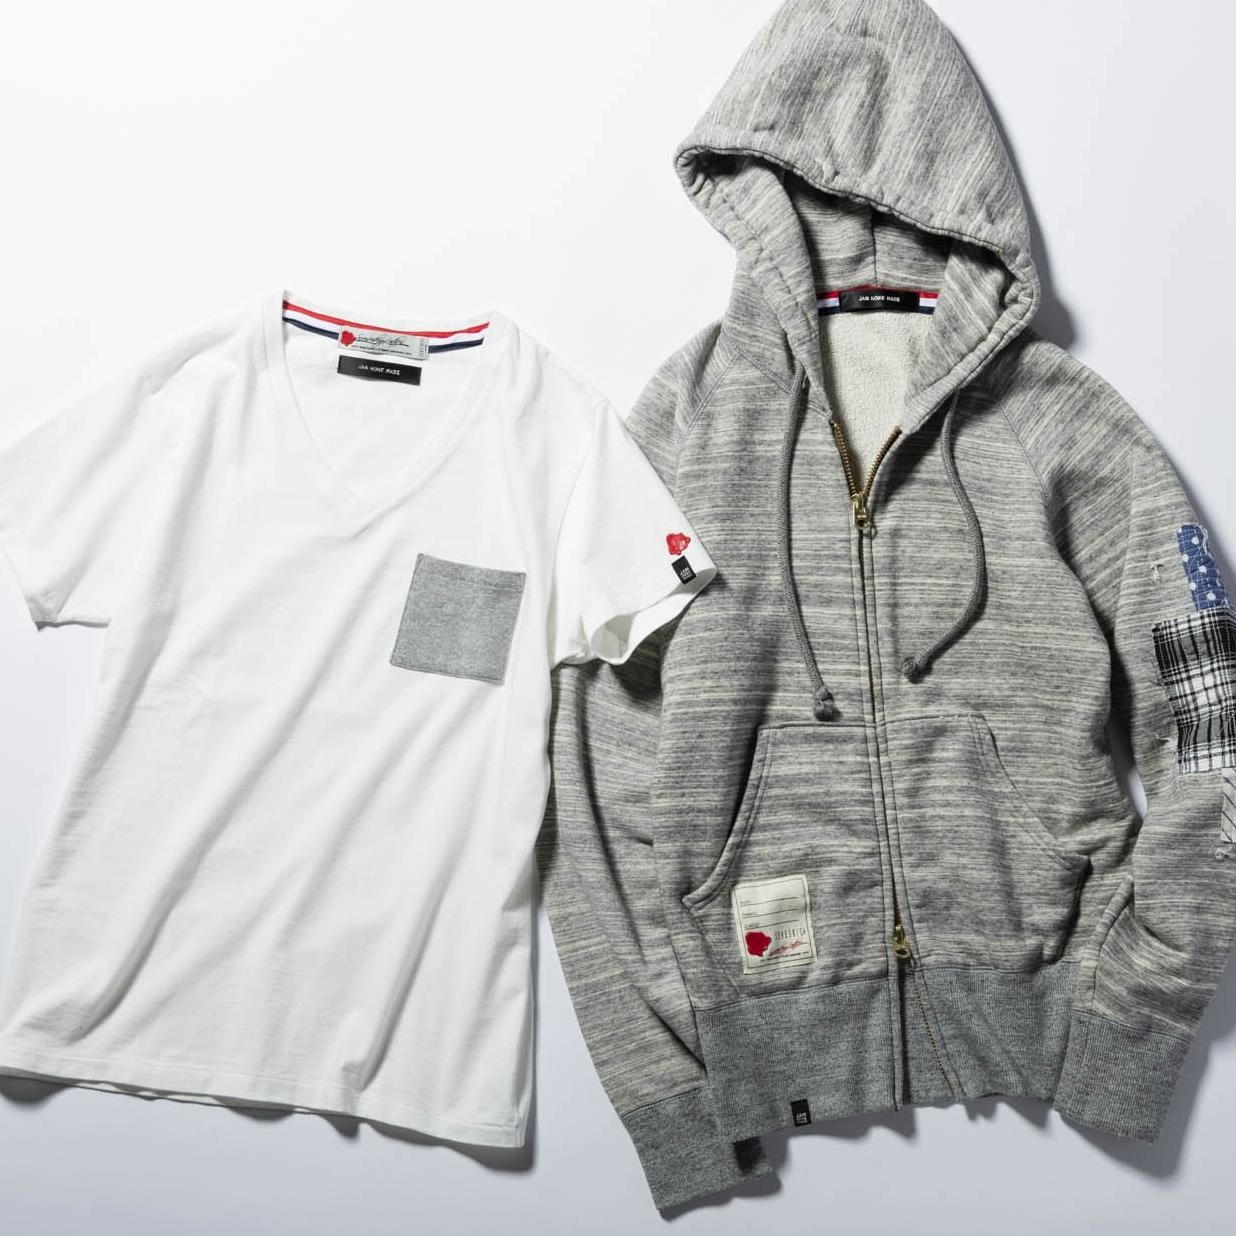 『メンズジョーカー』掲載商品!<br />コラボパーカ&Tシャツで春の定番スタイルを格上げ